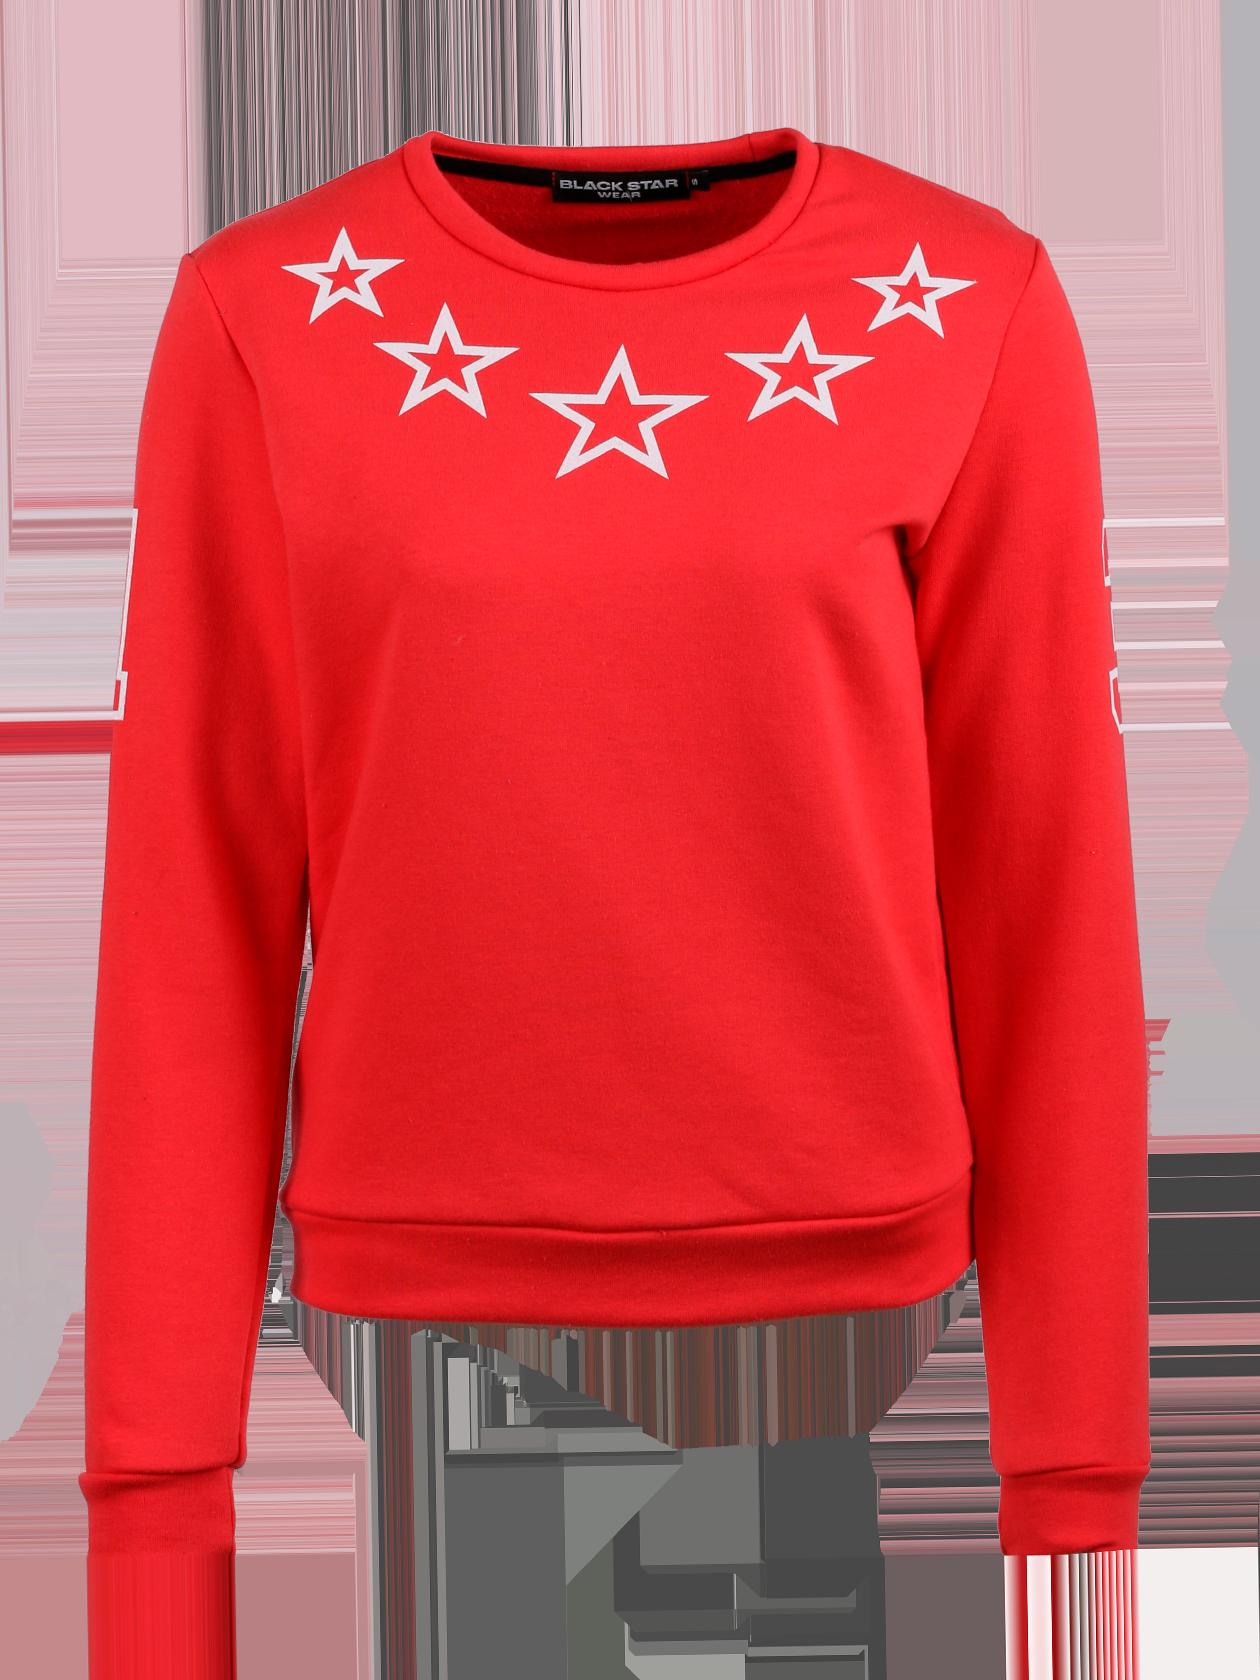 Толстовка женская STARSТолстовка женская из коллекции Black Star Wear. Прямой крой, округлая горловина, манжеты и нижний край не эластичные. Принт с изображением звёзд на груди, цифра 1 на правом рукаве и 3 на левом. Материал изделия: бленд натурального хлопка. Модель доступна в коралловом, белом, зелёном и сером цветах.<br><br>Размер: M<br>Цвет: Красный<br>Пол: Женский